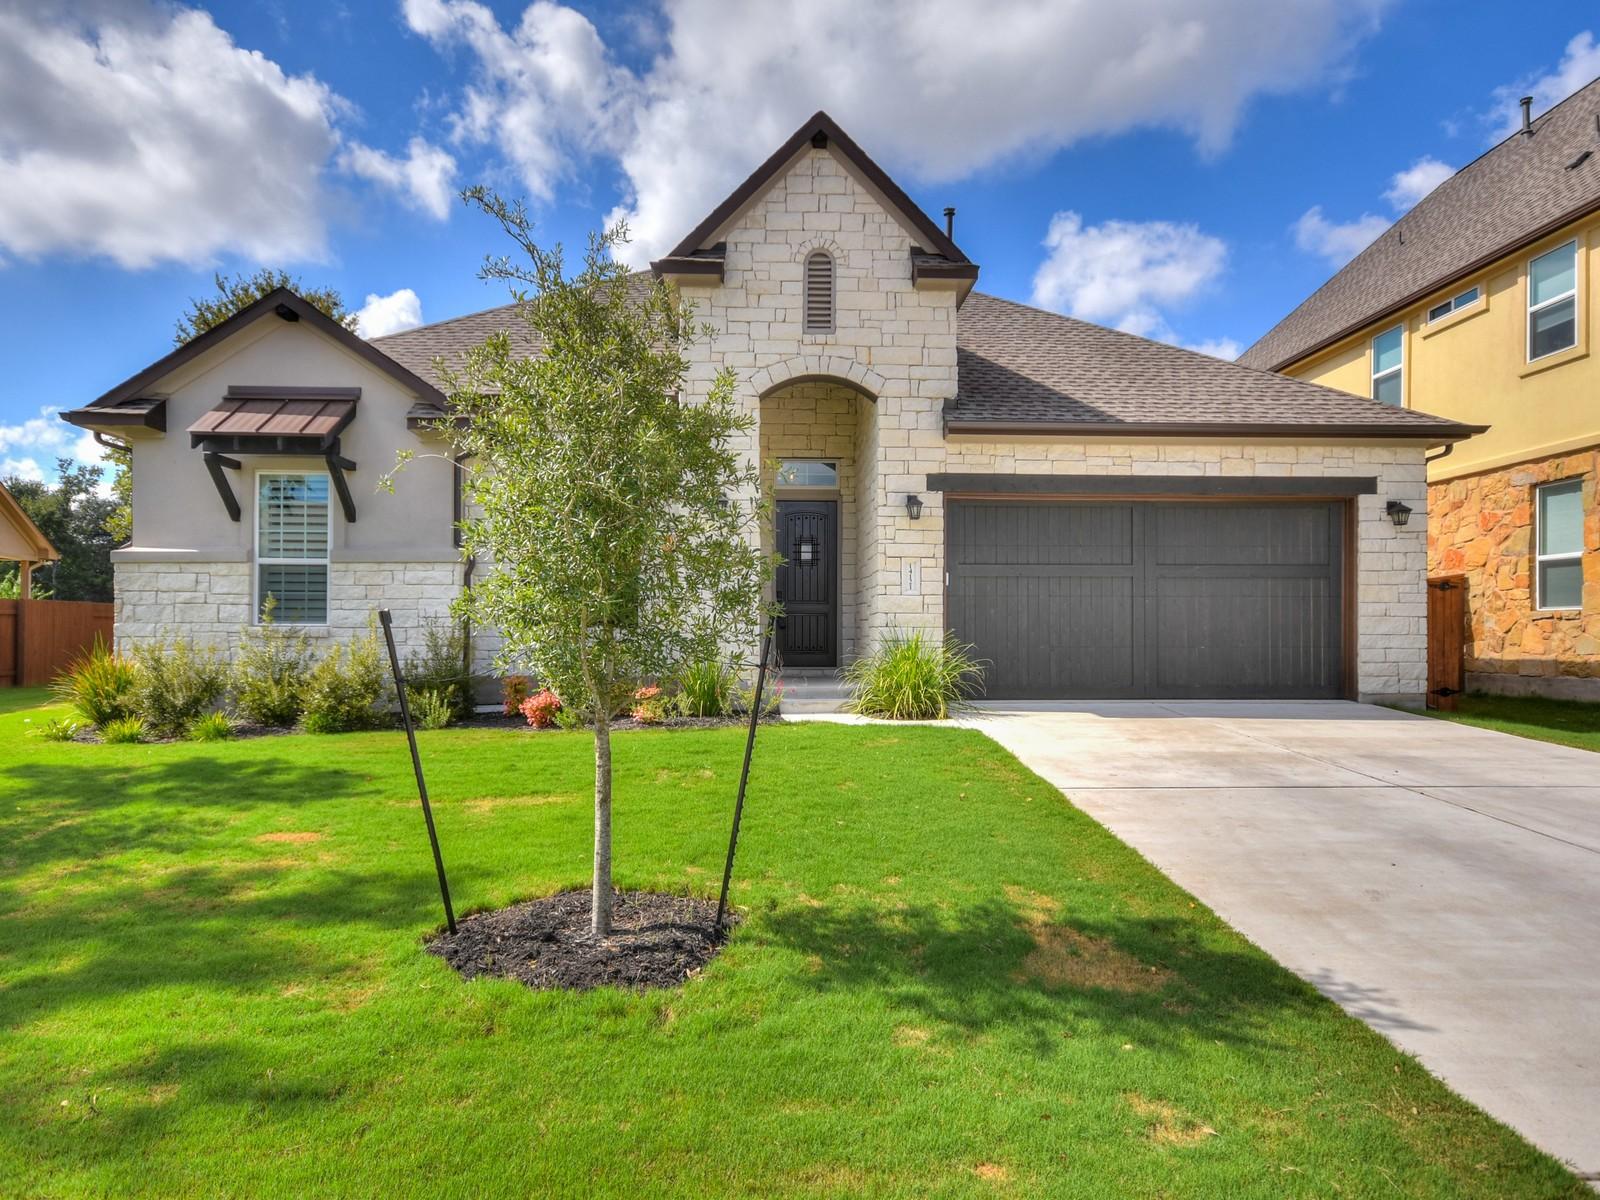 Casa Unifamiliar por un Venta en Avery Ranch Single Story 14121 Genesee Trl Austin, Texas 78717 Estados Unidos